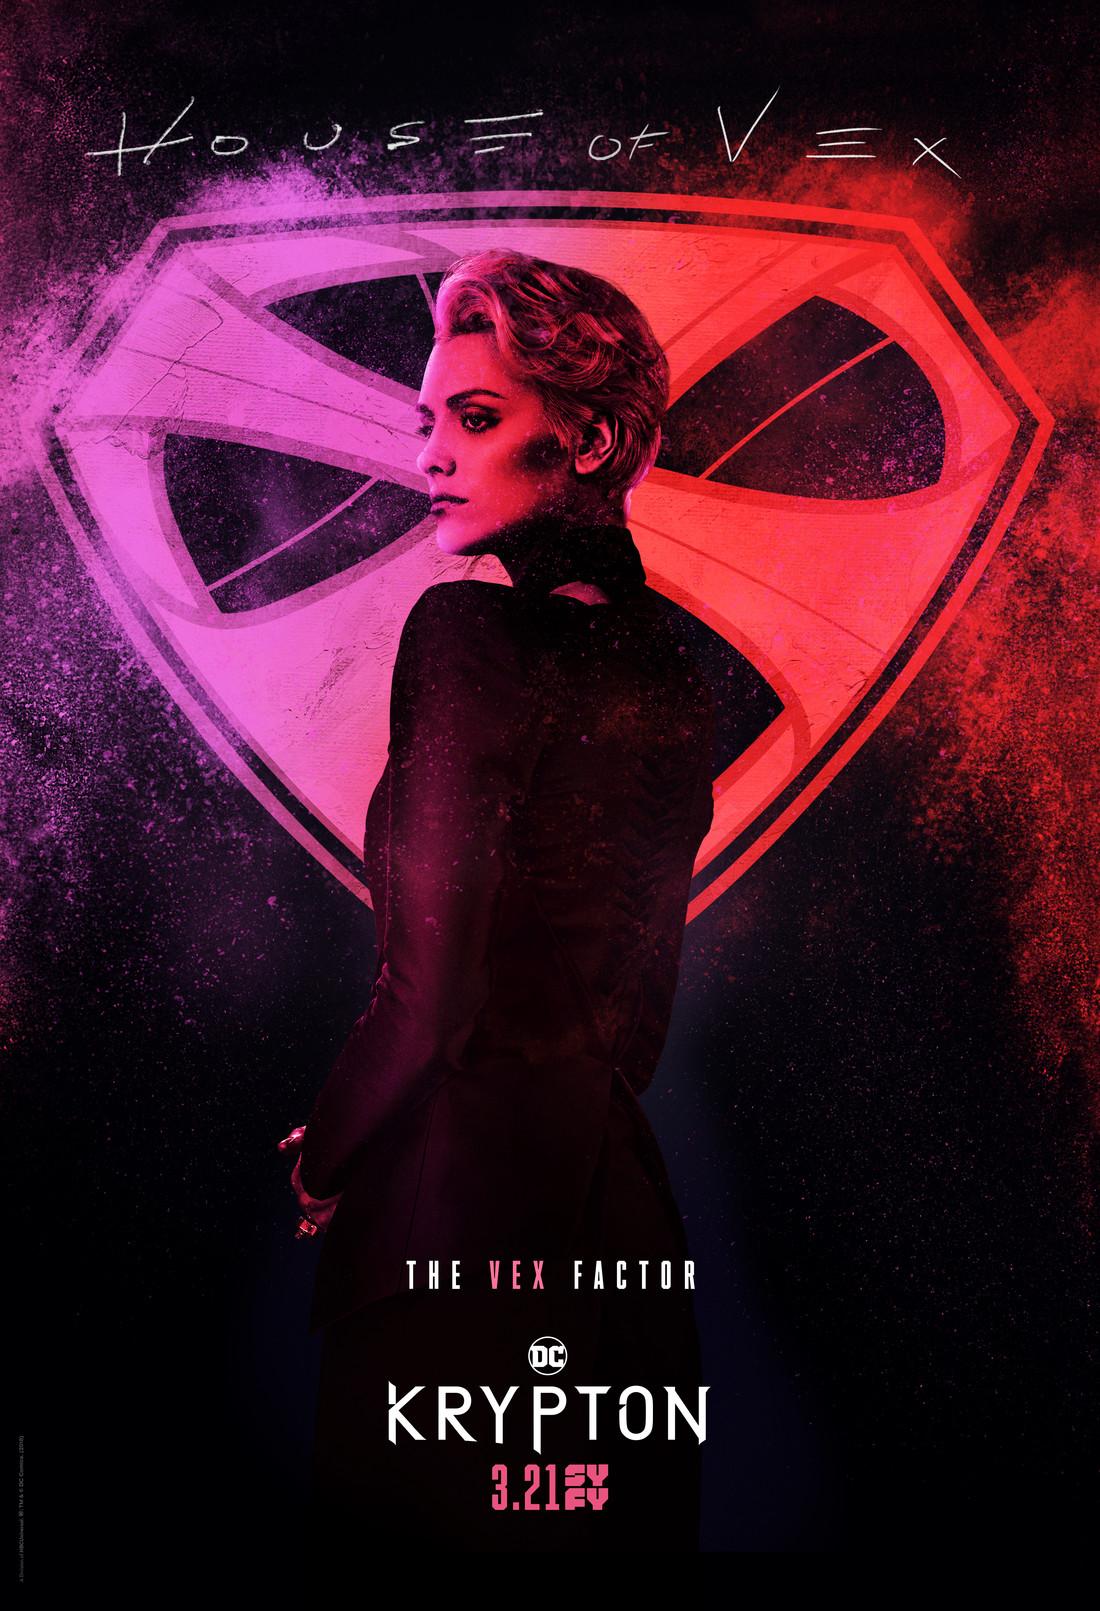 Постер для 1 сезона сериала Криптон